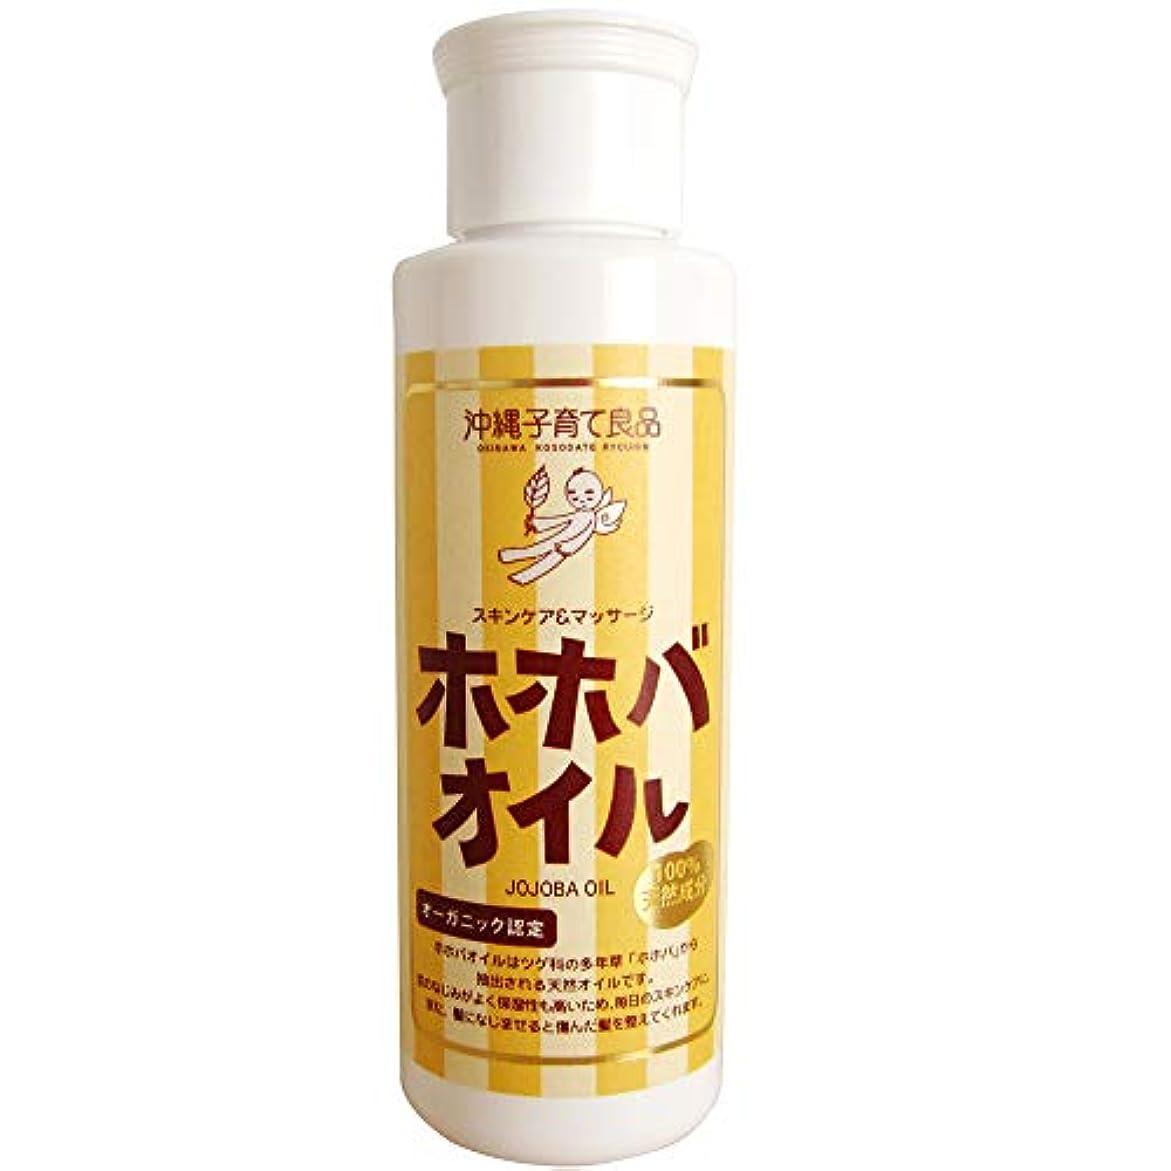 ビルマ傾向がありますホホバオイル/jojoba oil (100ml)